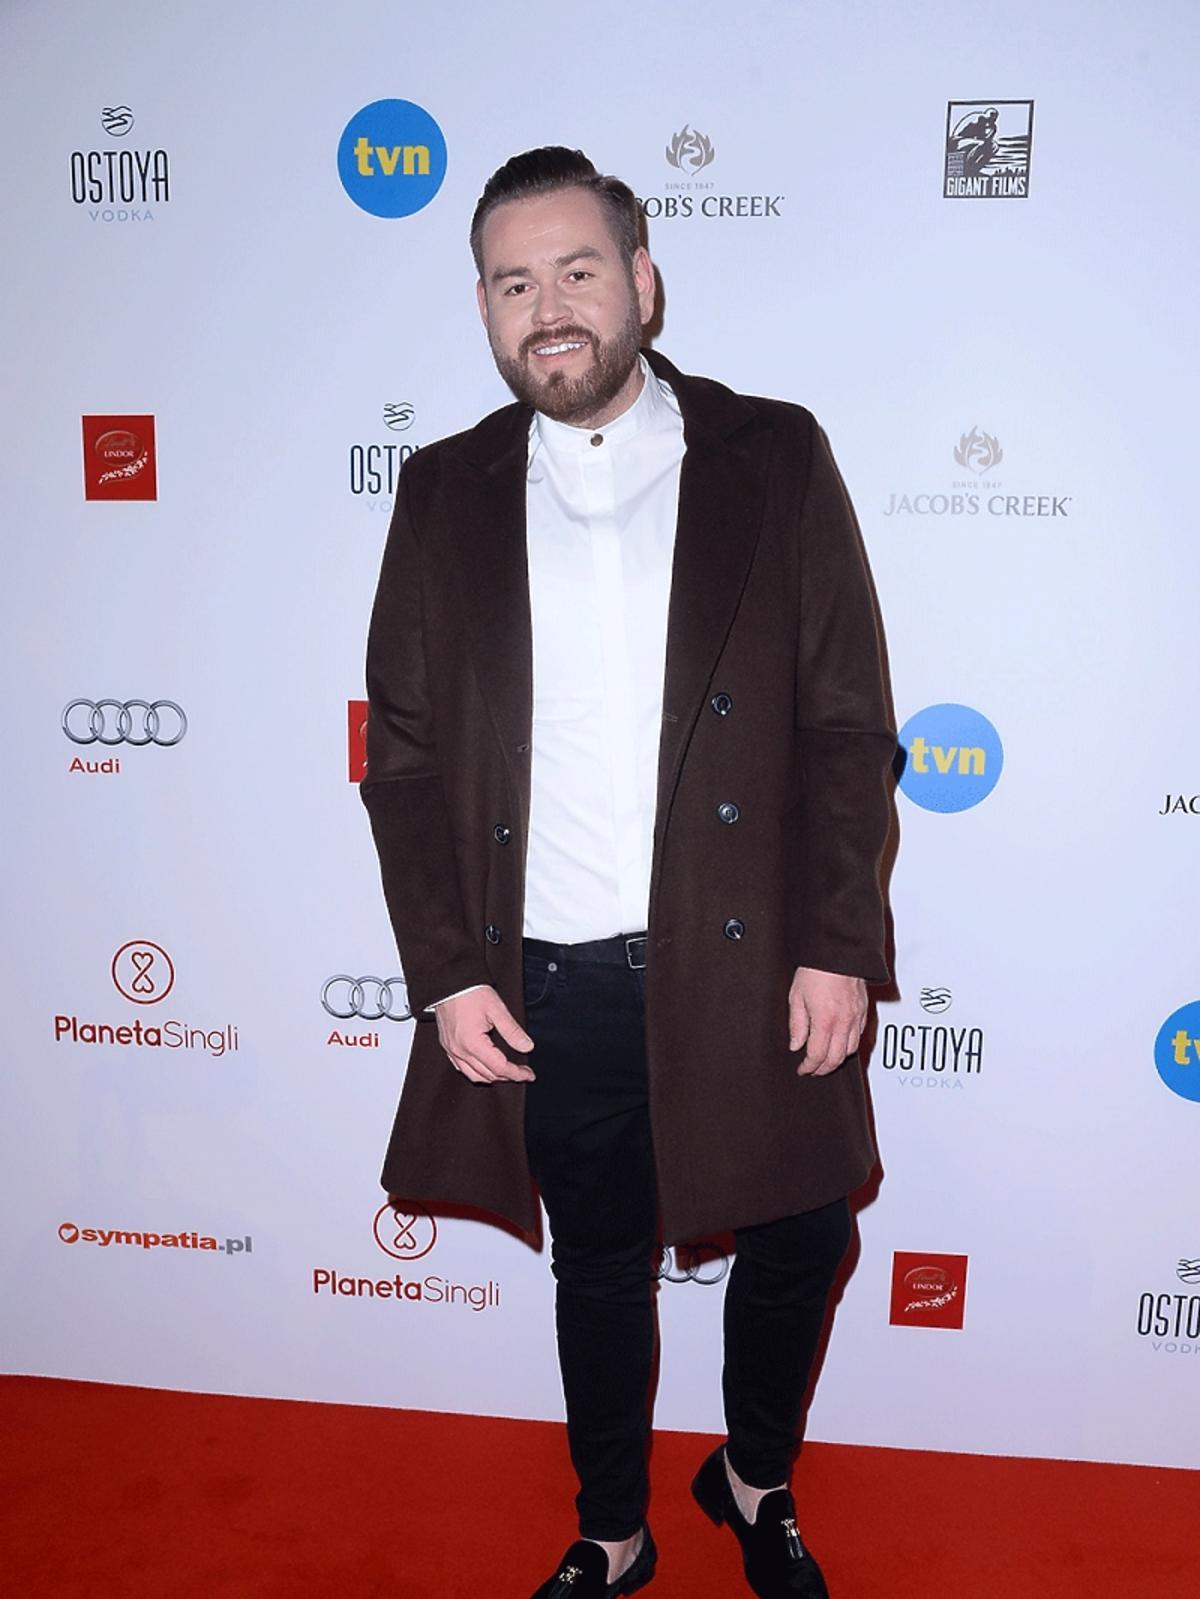 Tomasz Olejniczak w białej koszuli i brązowym płaszczu